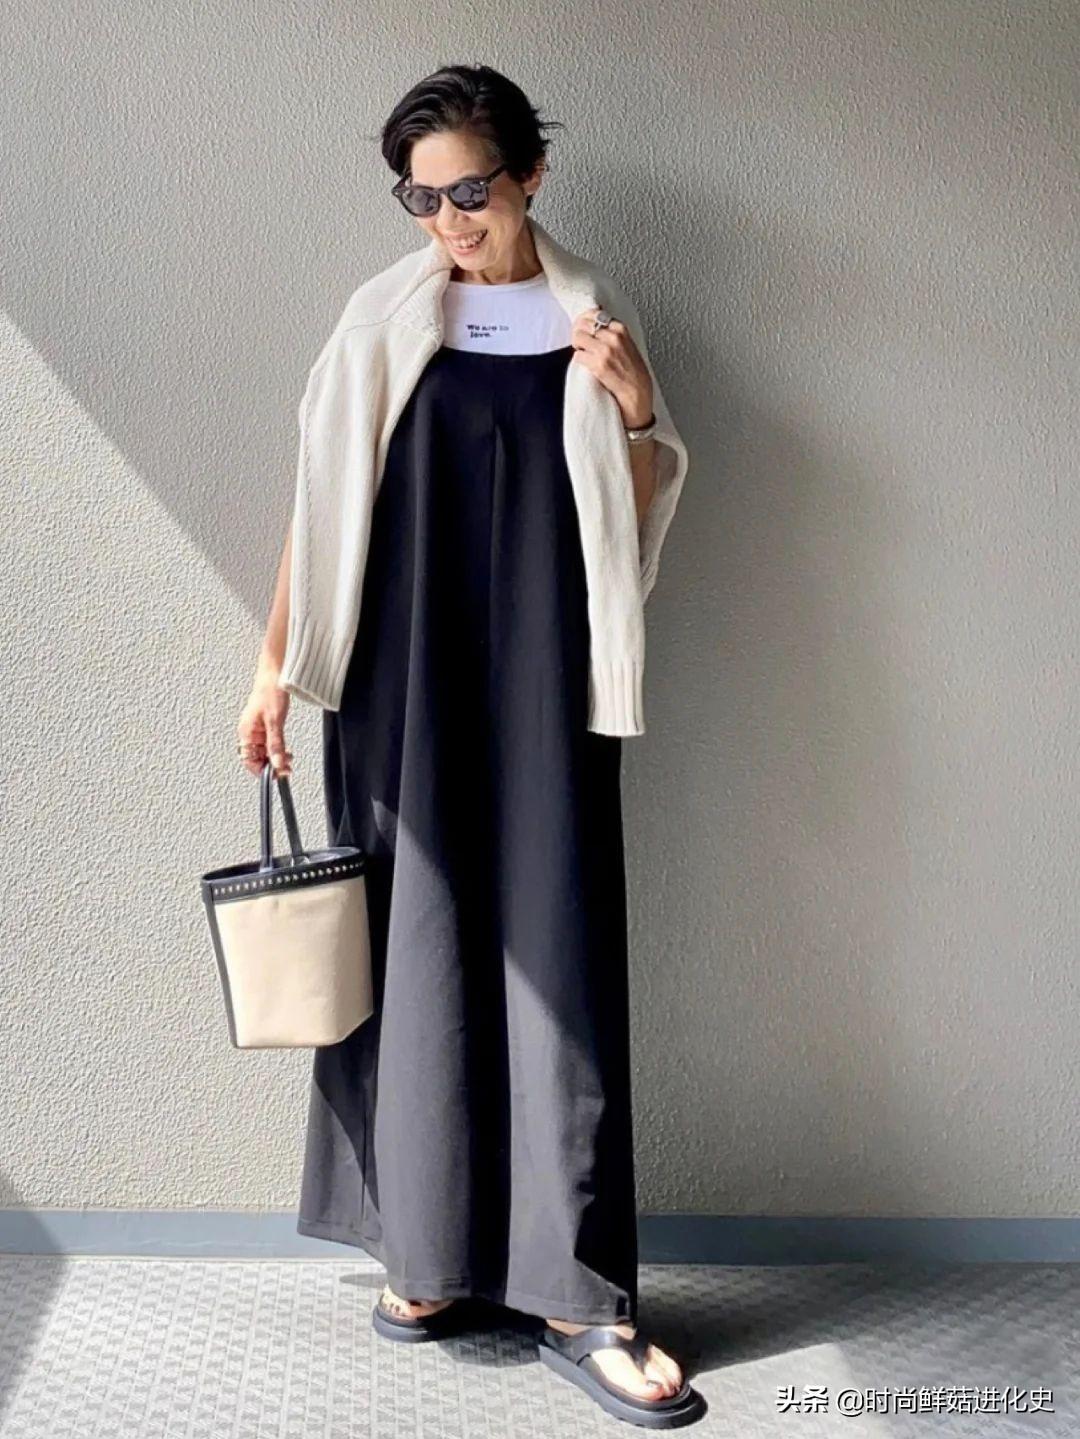 """一位""""日本奶奶""""时髦火了!穿衣简单日常不复杂,气质不输年龄"""